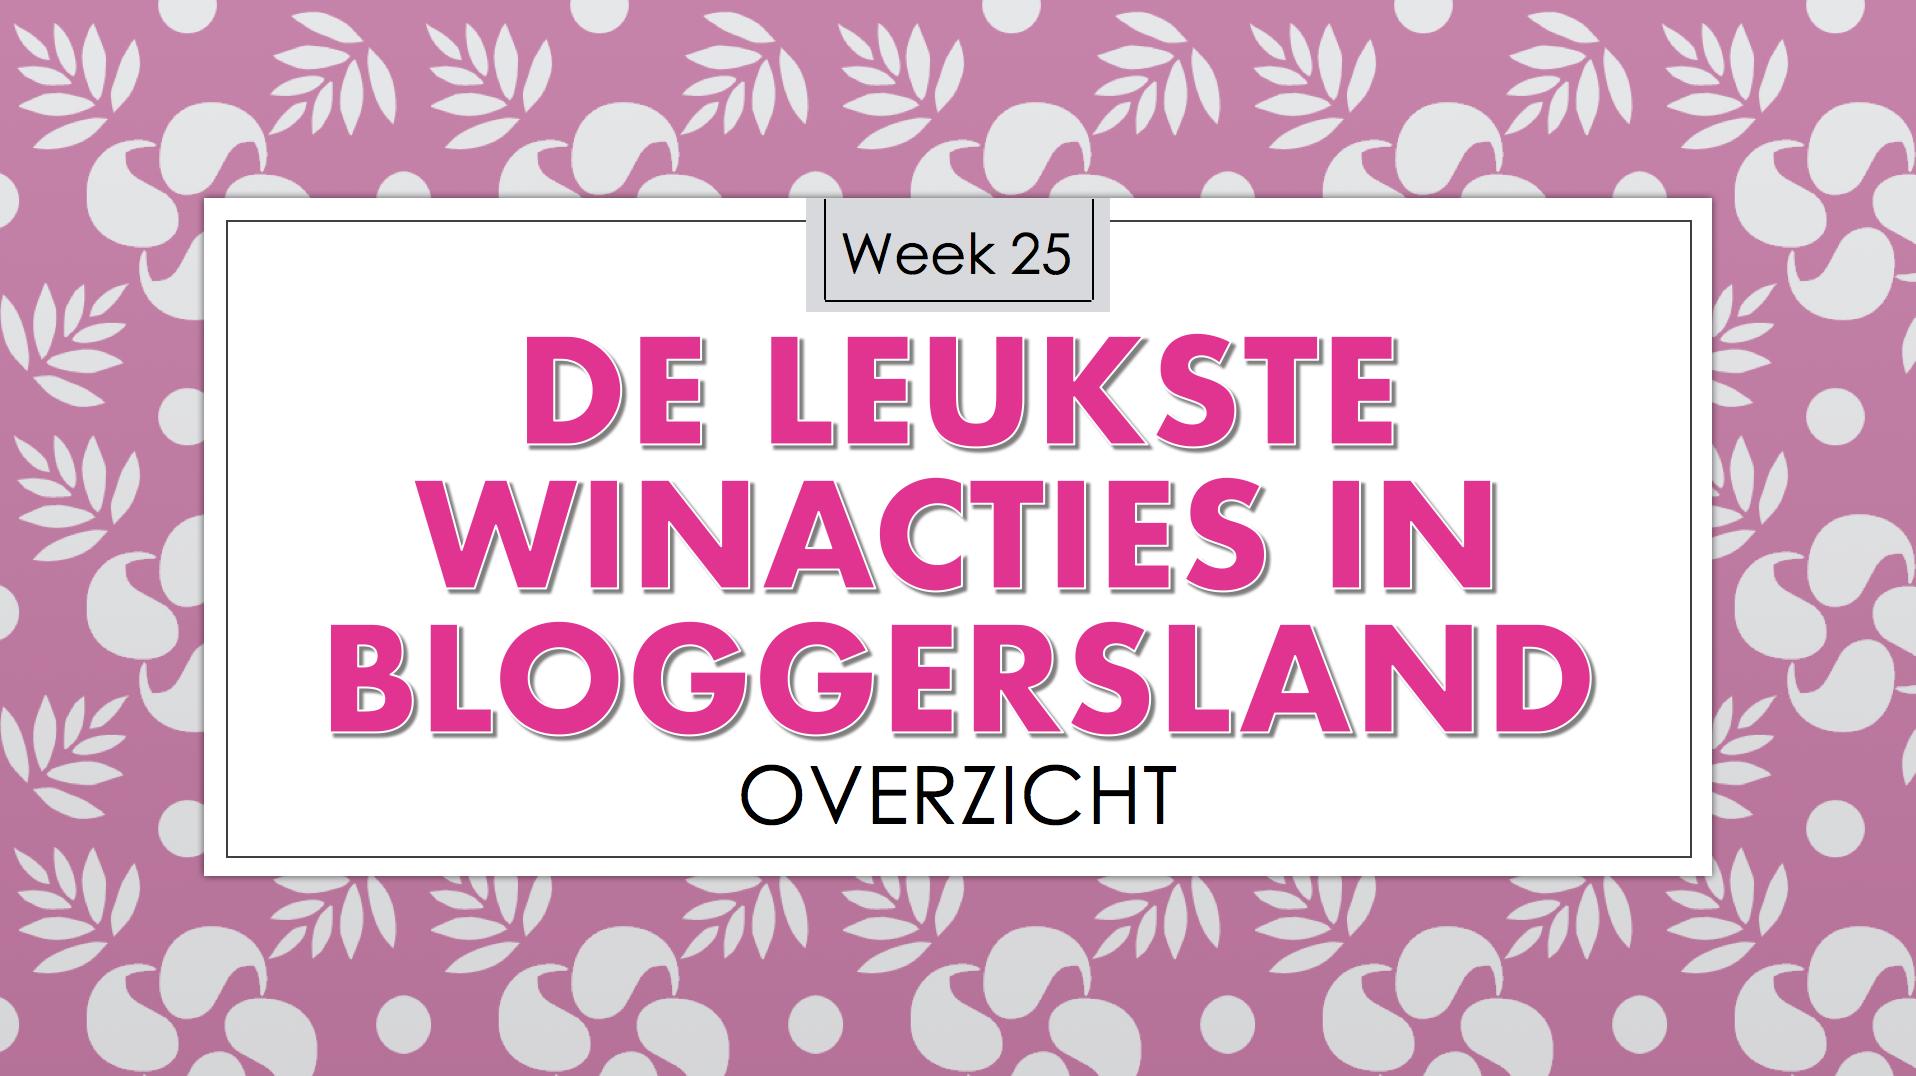 De Leukste Winacties in Bloggersland week 25